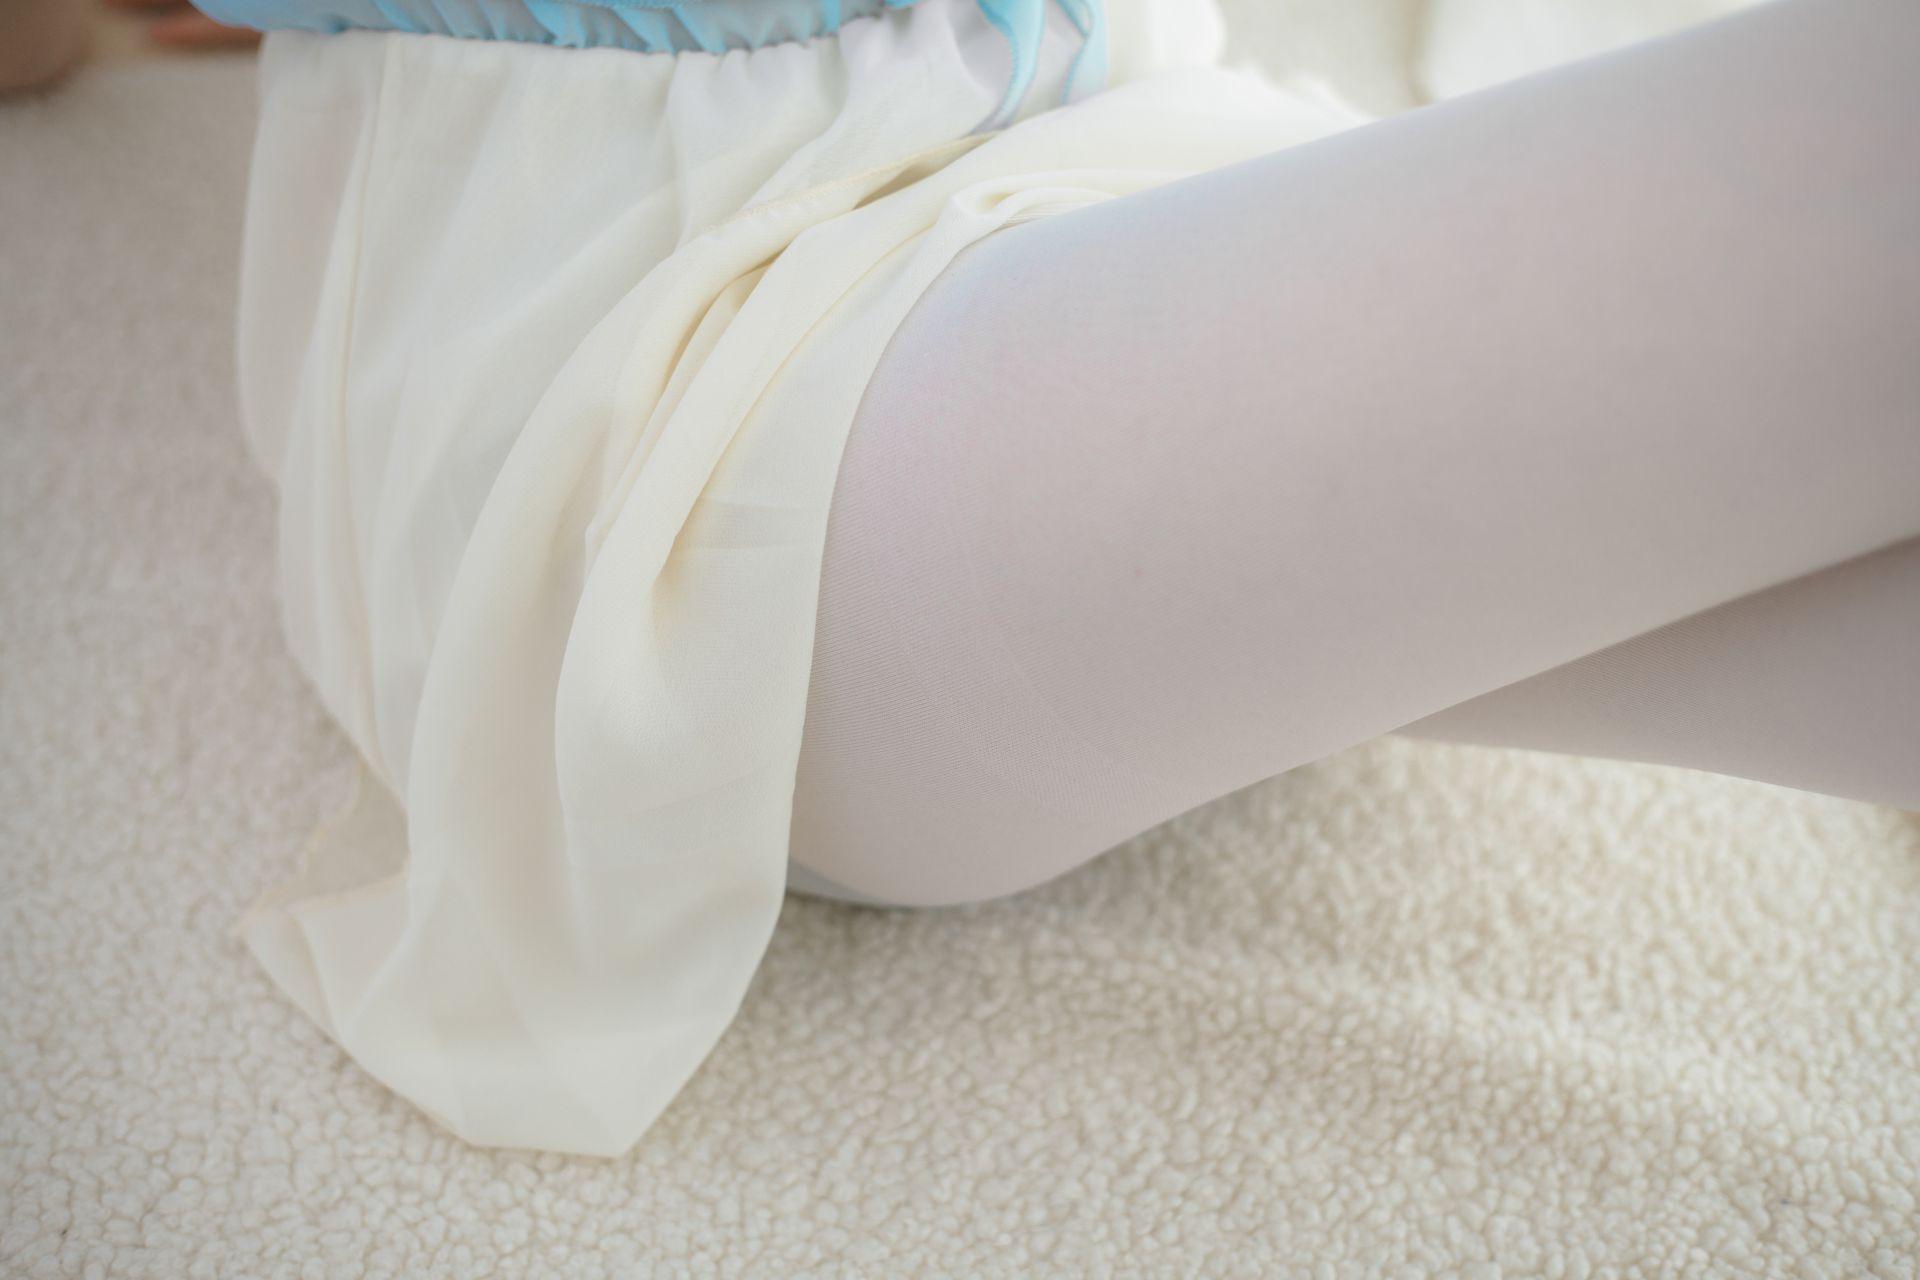 少女秩序 VOL.015 超薄丝袜的质感 兔玩映画 第34张